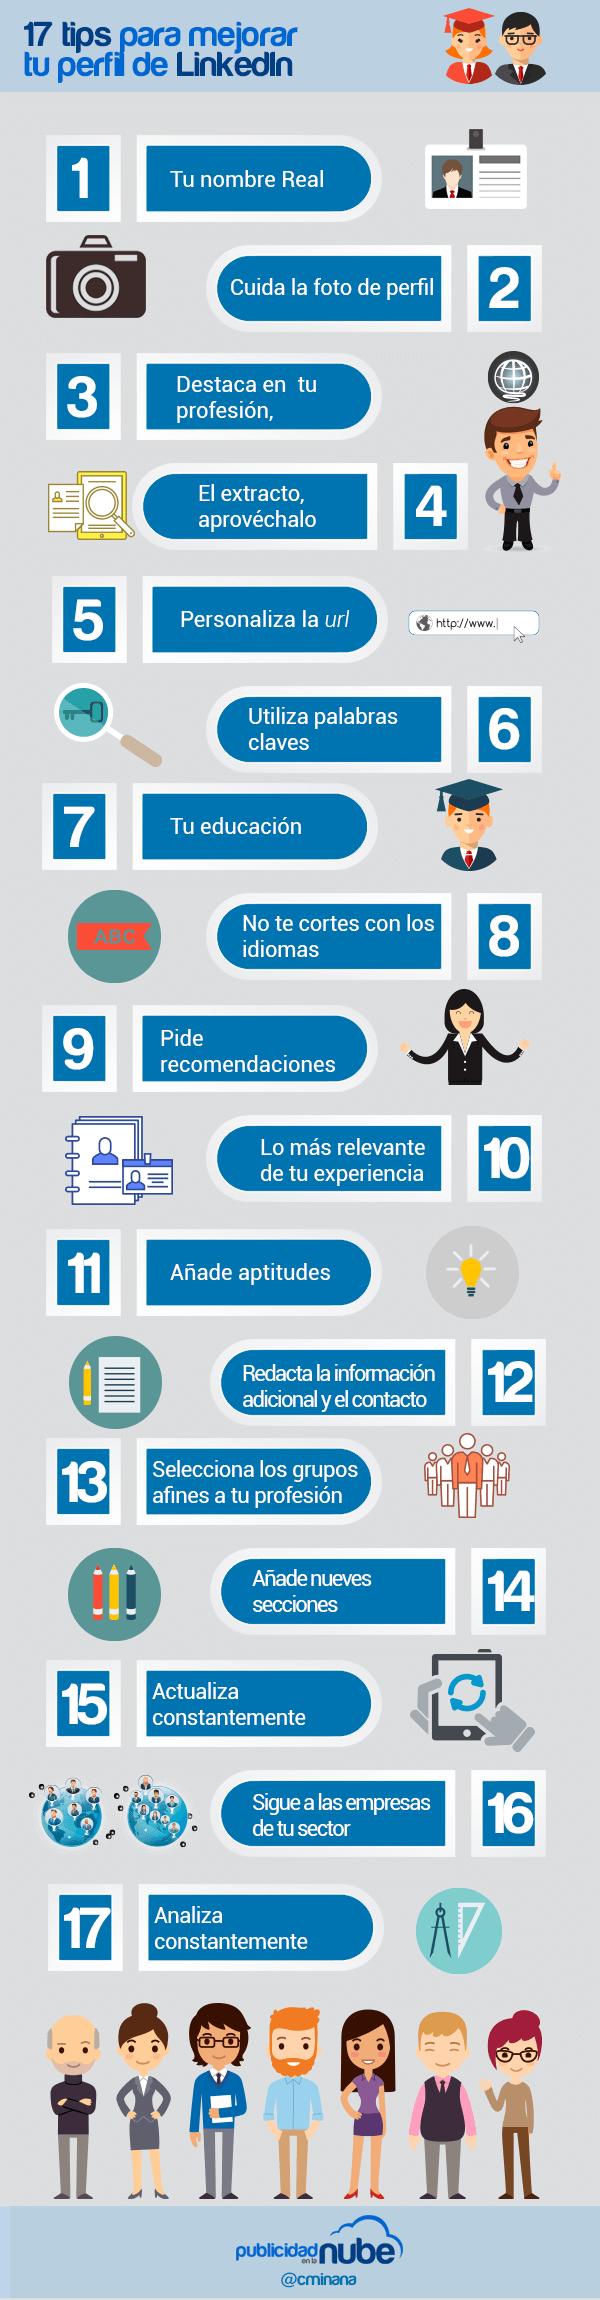 perfil de linkedIn Espana